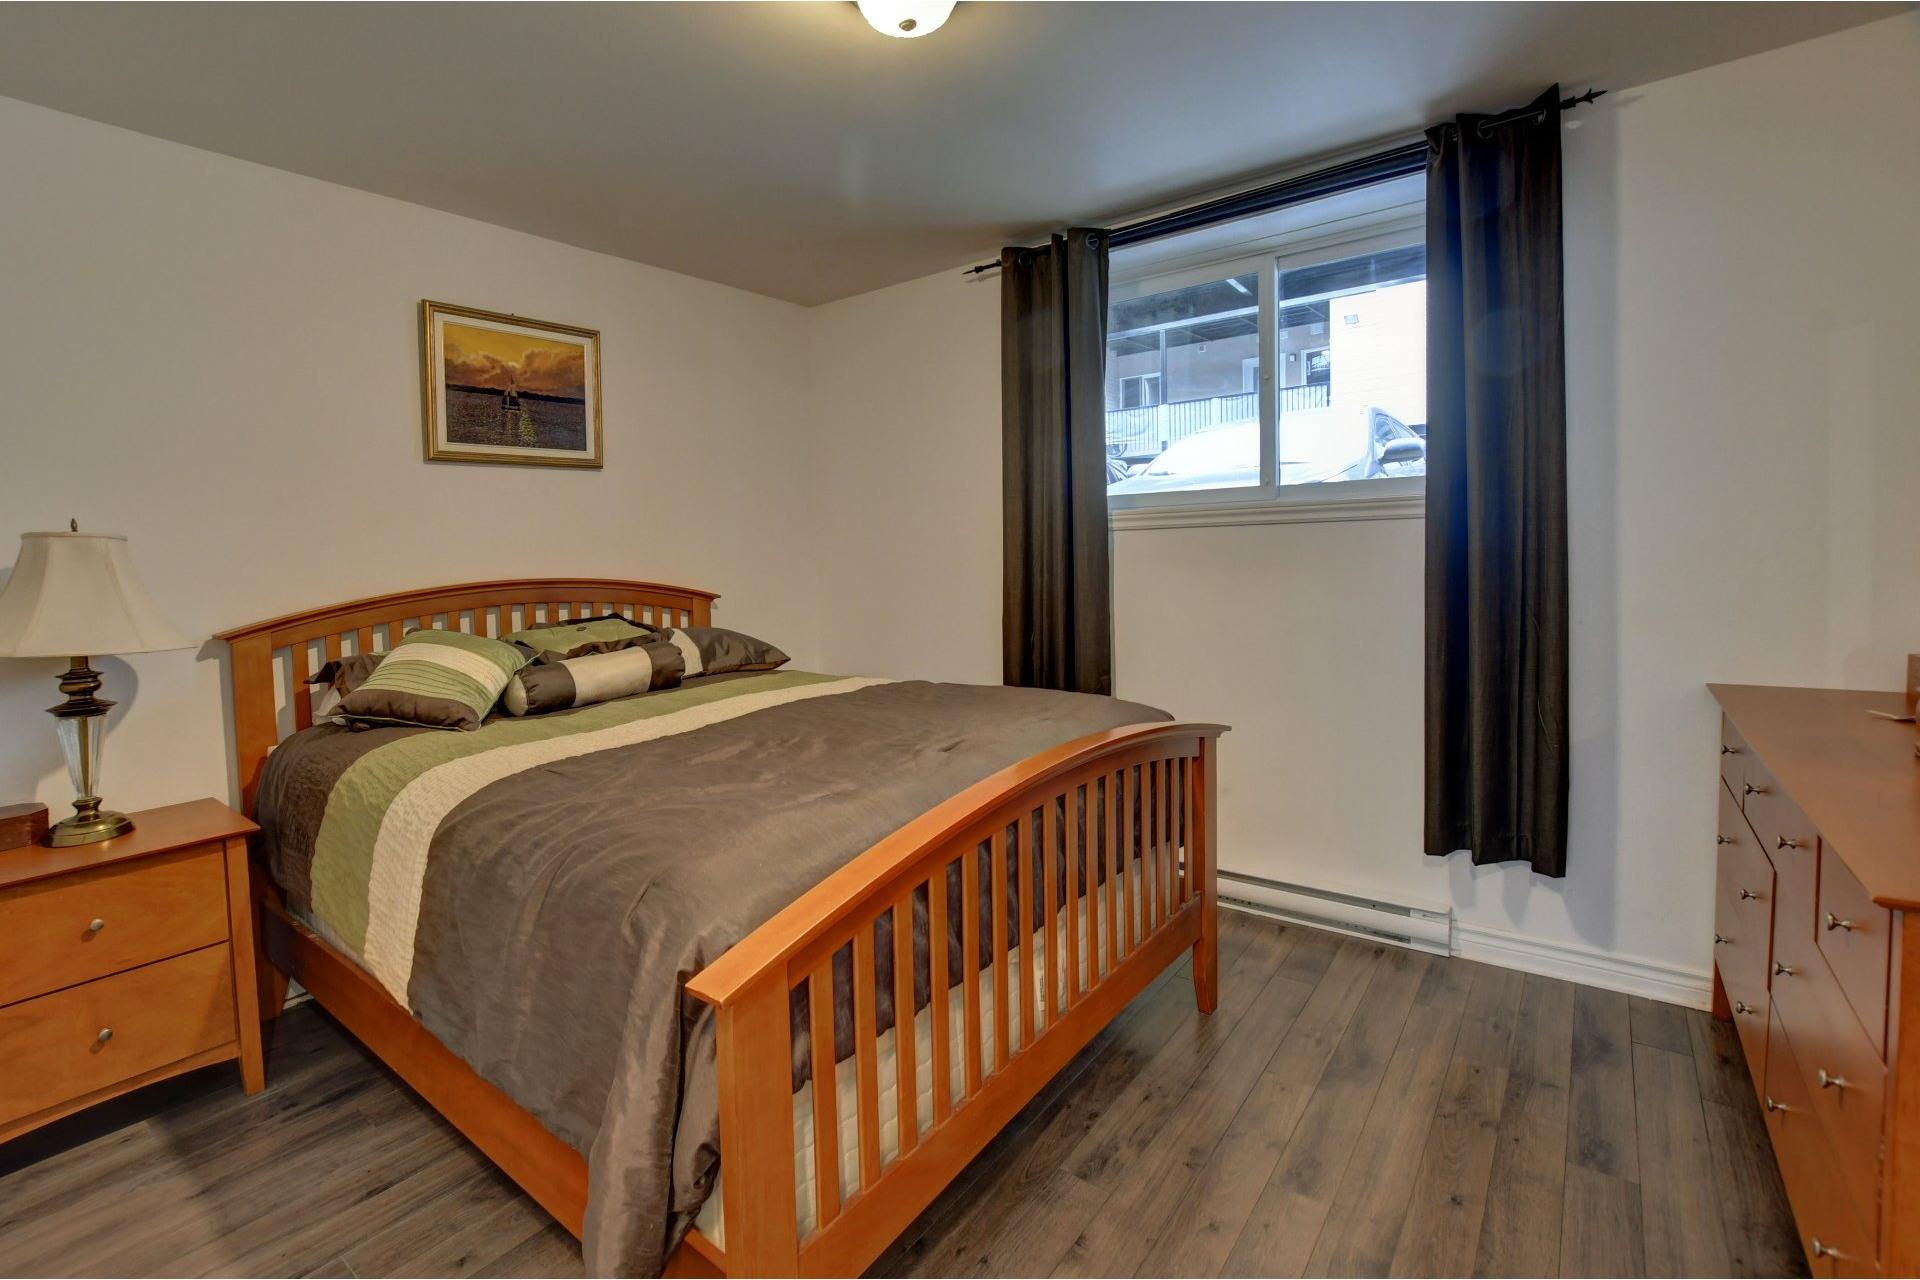 image 9 - Appartement À vendre Mercier/Hochelaga-Maisonneuve Montréal  - 5 pièces